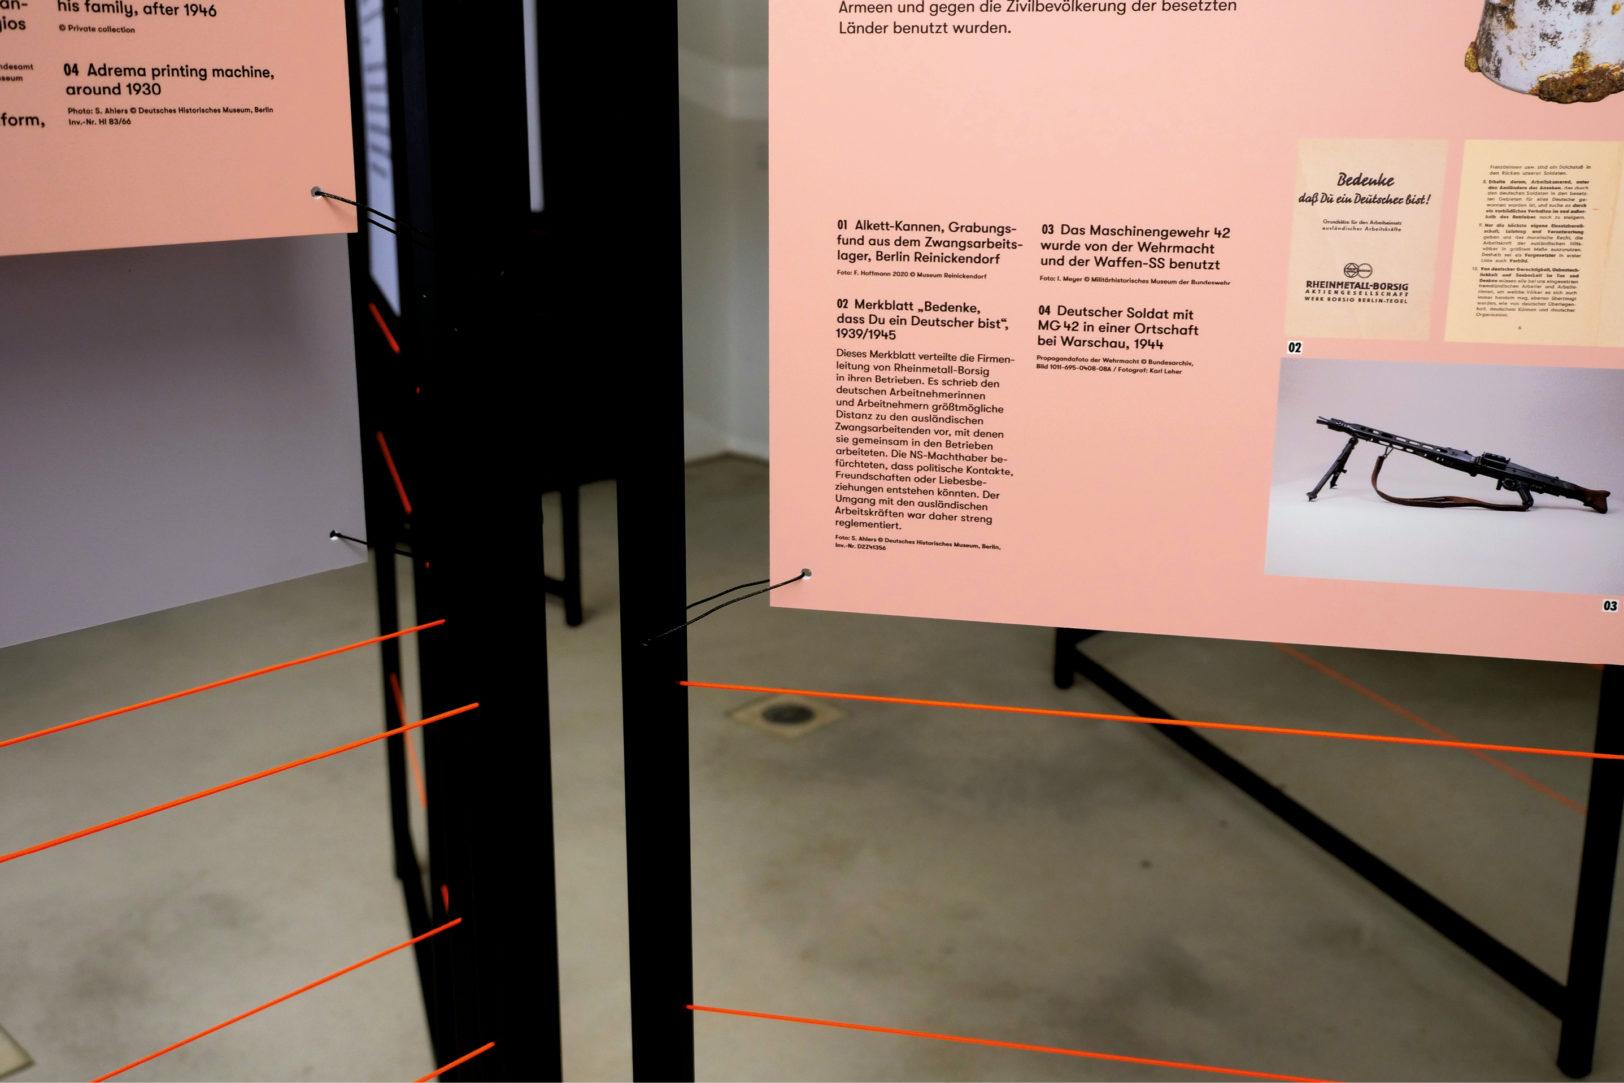 http://e-o-t.de/wordpress/wp-content/uploads/2020/04/Exhibition-Ausgeschlossen-eot-13.jpg